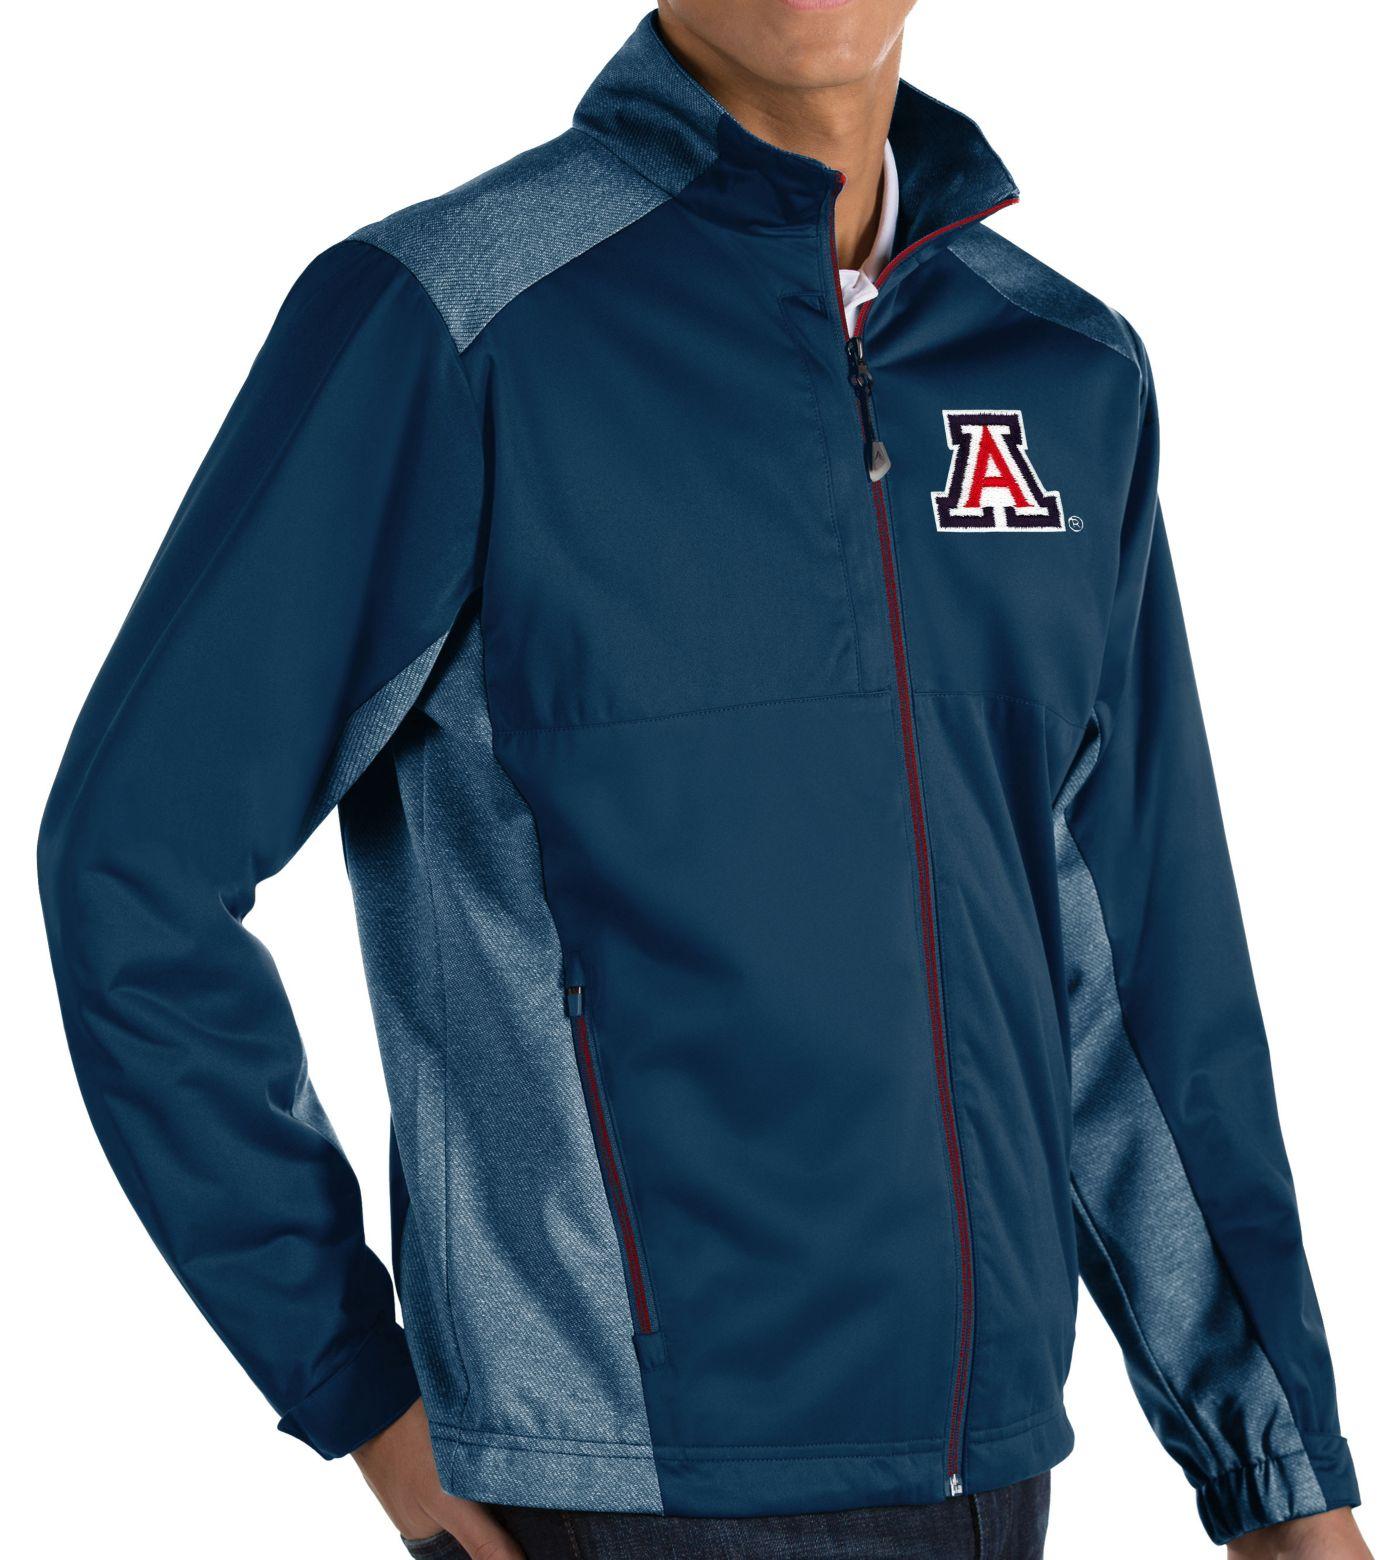 Antigua Men's Arizona Wildcats Navy Revolve Full-Zip Jacket